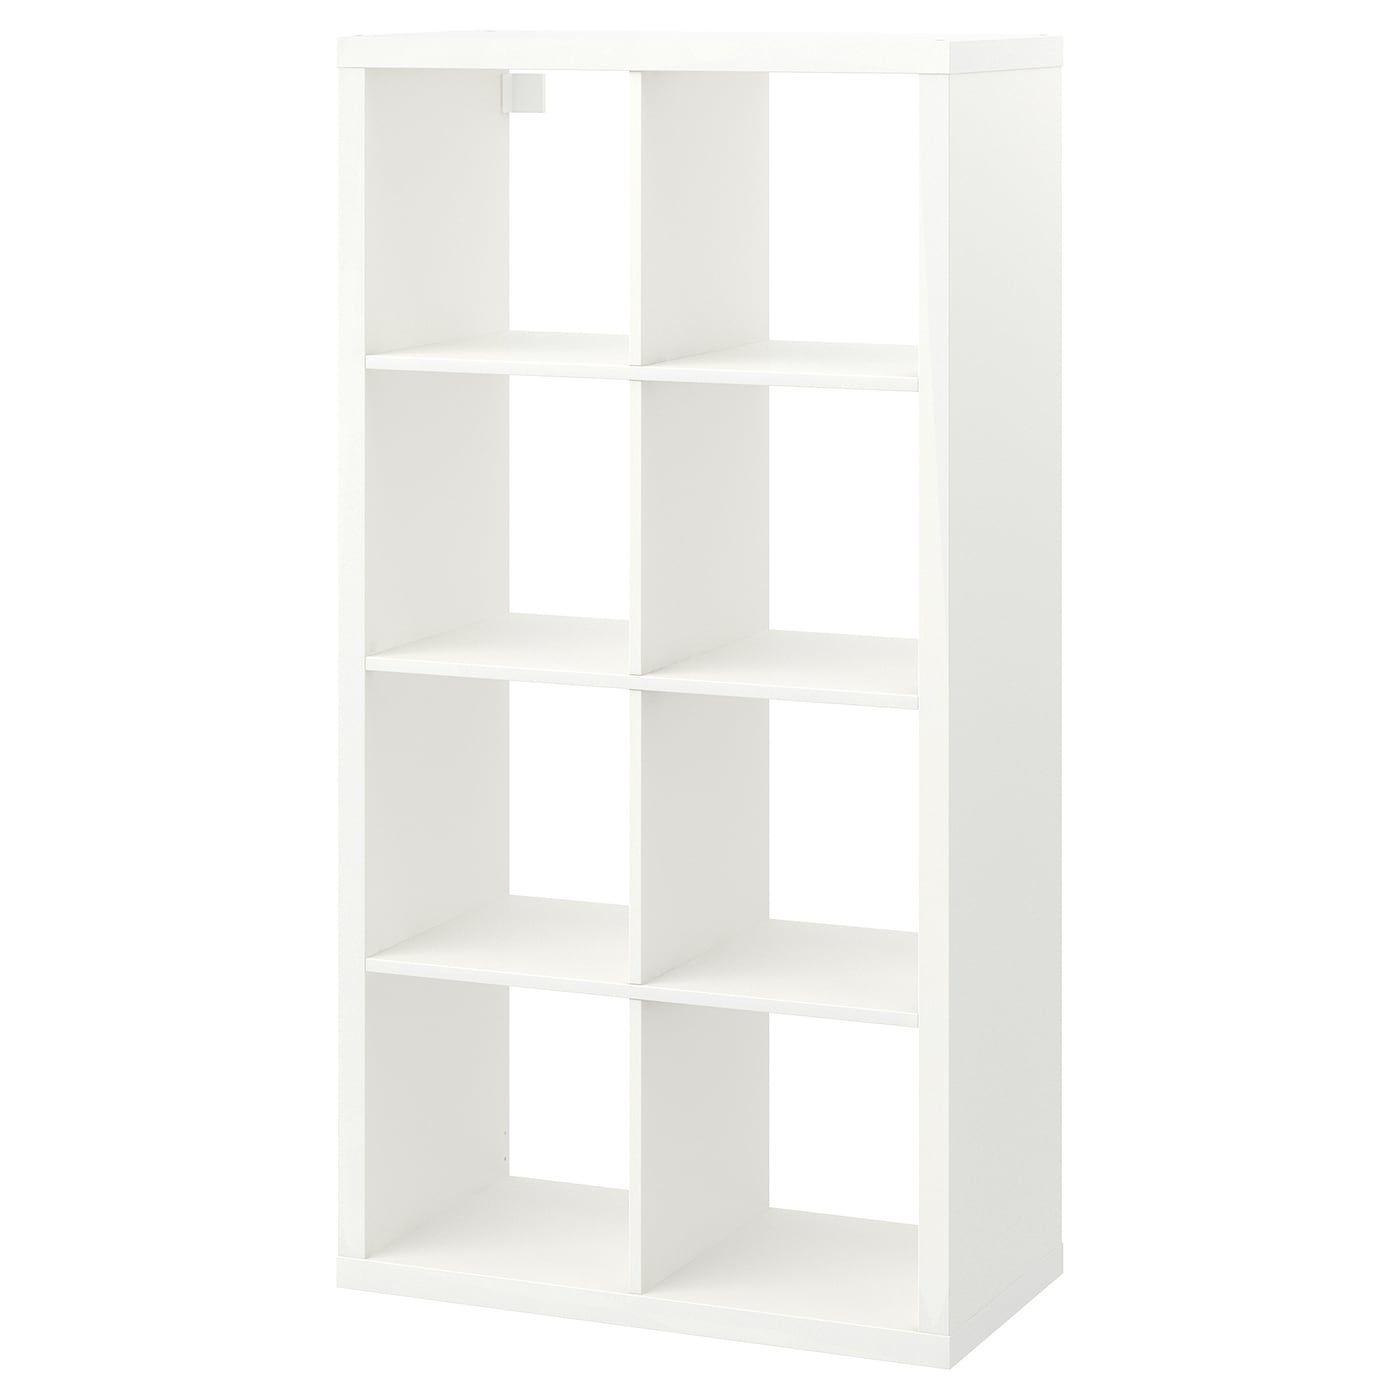 Kallax Etagere Blanc 30 3 8x57 7 8 77x147 Cm En 2020 Etagere Kallax Ikea Kallax Ikea Et Kallax